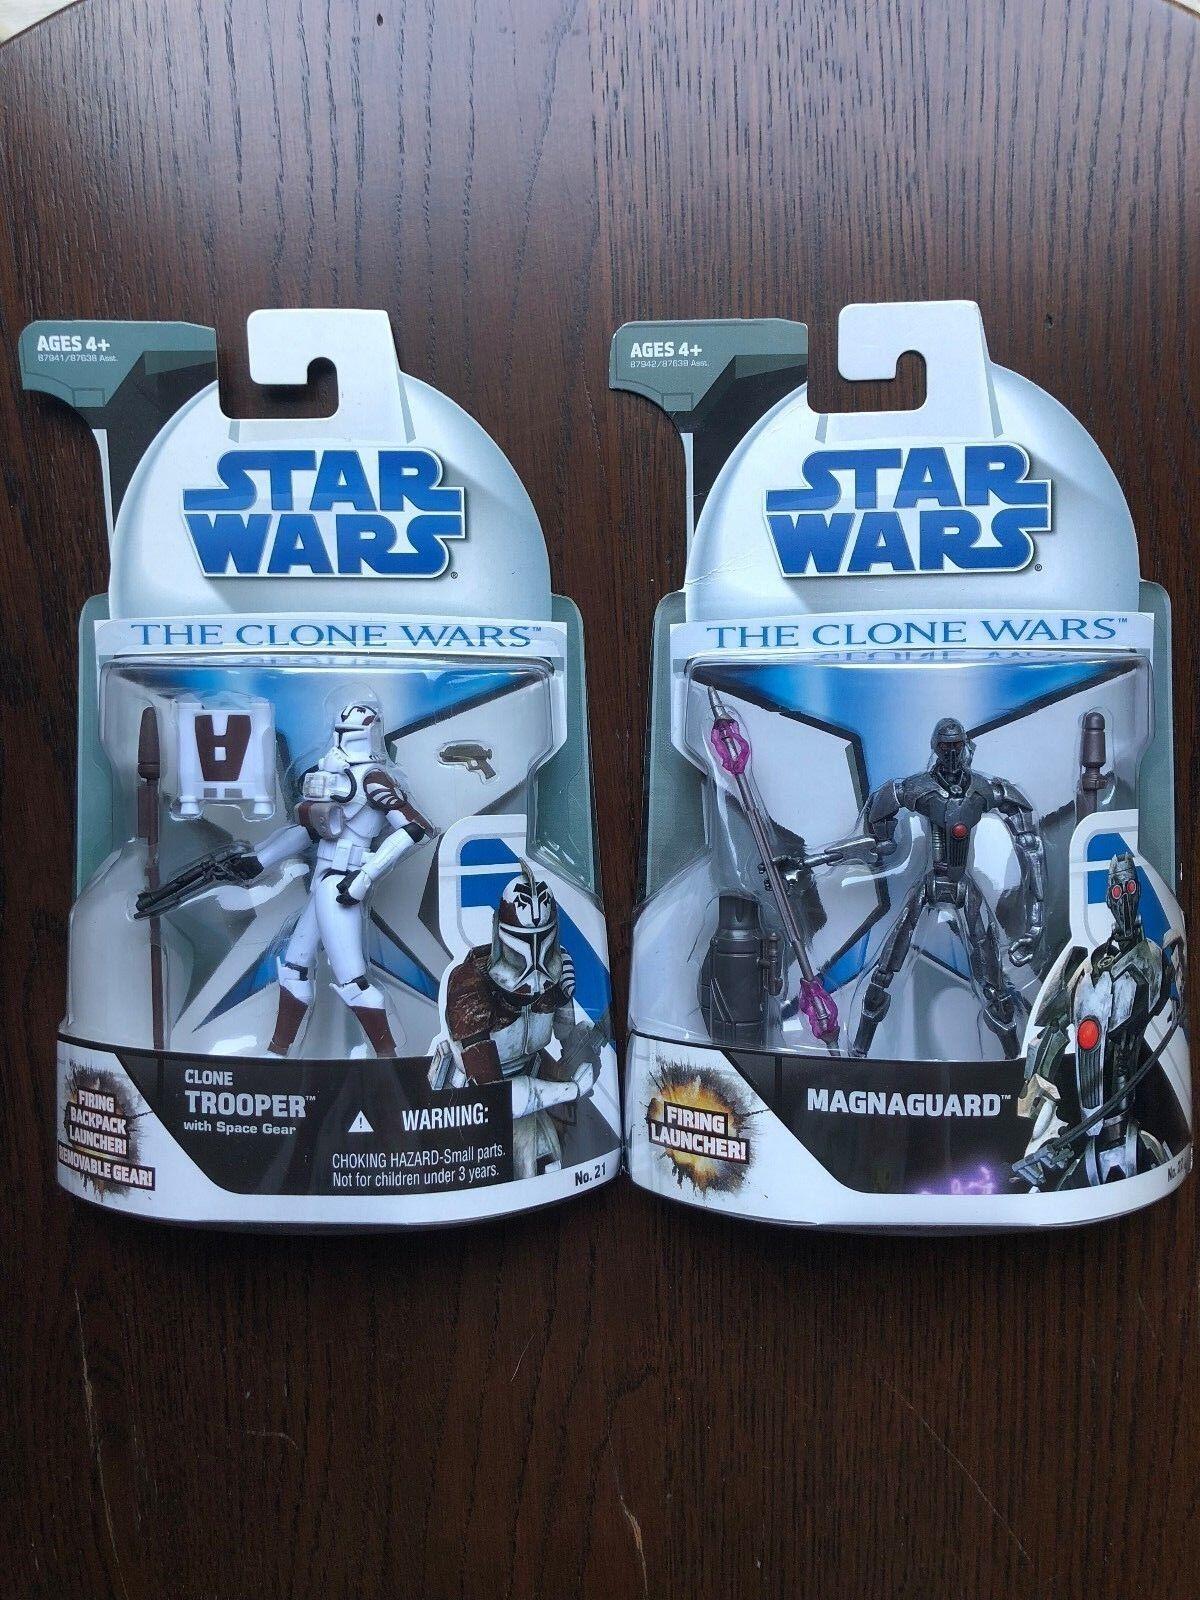 Star - wars - den klonkriegen  klon - soldat mit platz ausrüstung & magnaguard zahlen